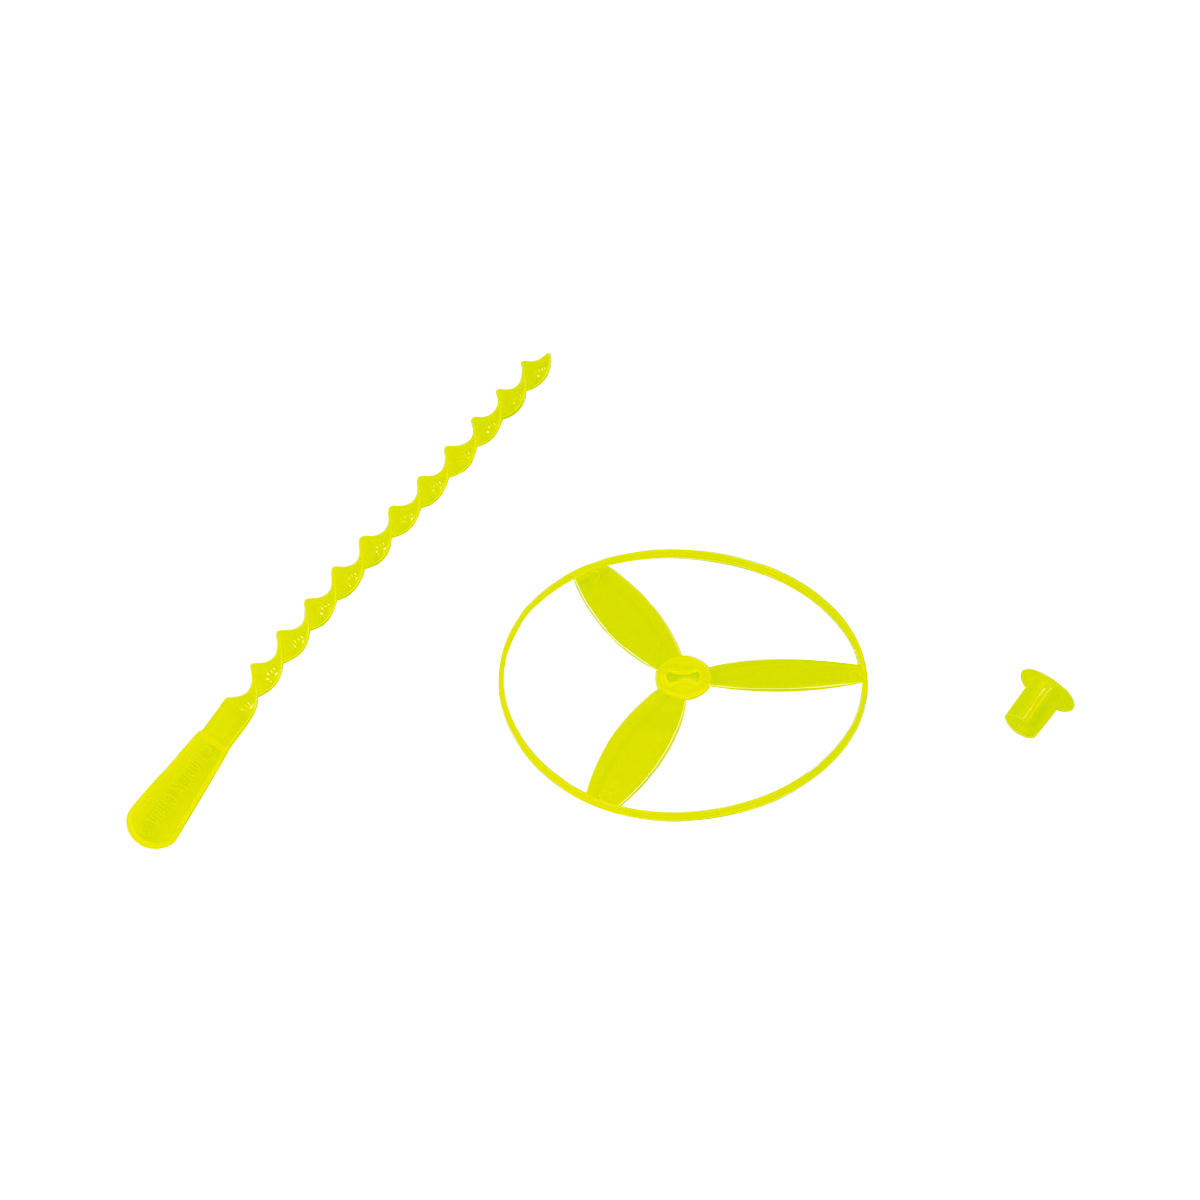 ヘリコプター おもちゃ?竹とんぼ ぐるぐるびゅーん 知育玩具 子供 キッズ 景品 3歳 4歳 5歳 クリスマスプレゼント